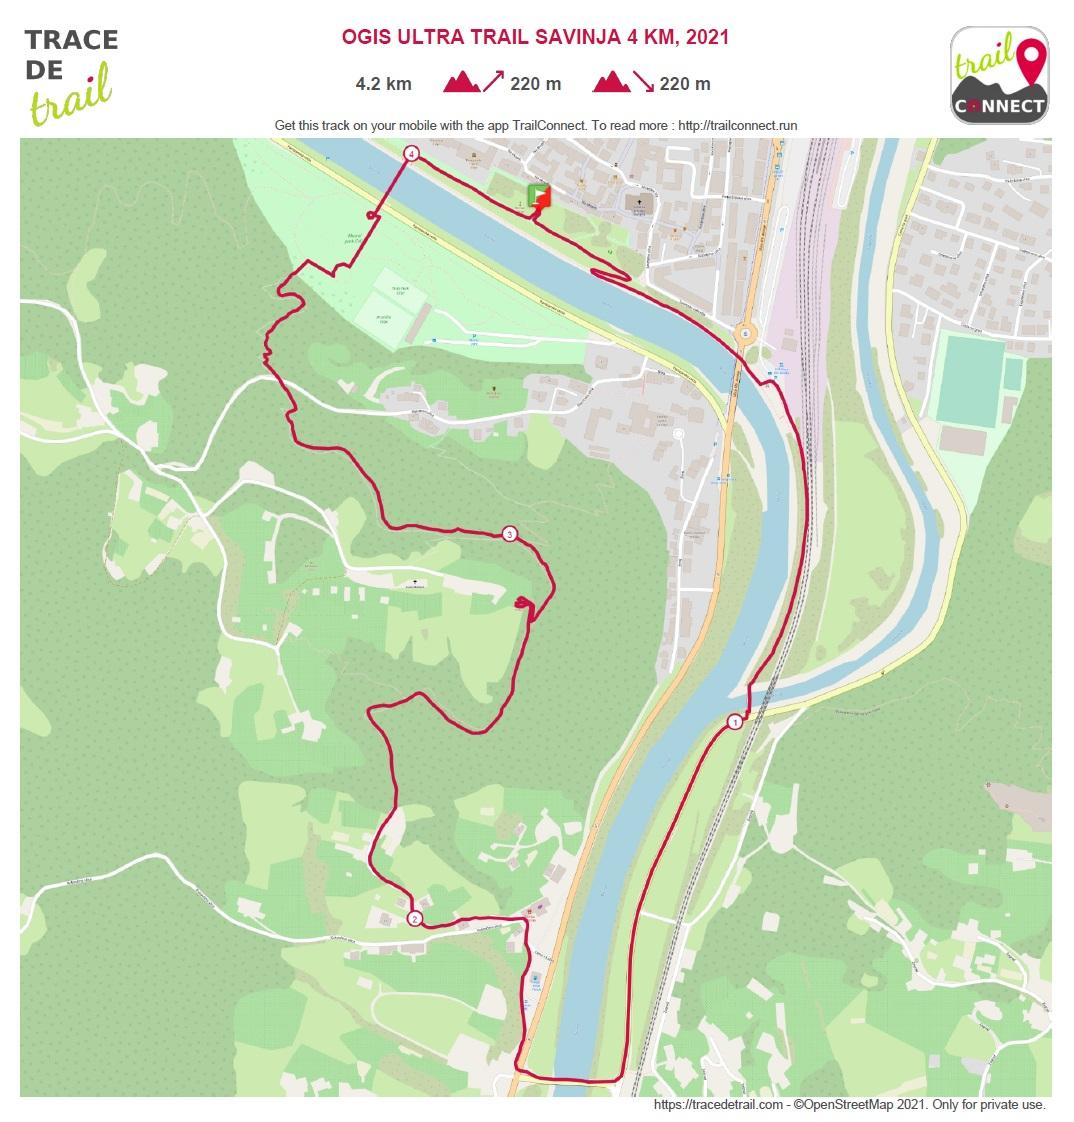 OGIS UTS 4 KM, 2021